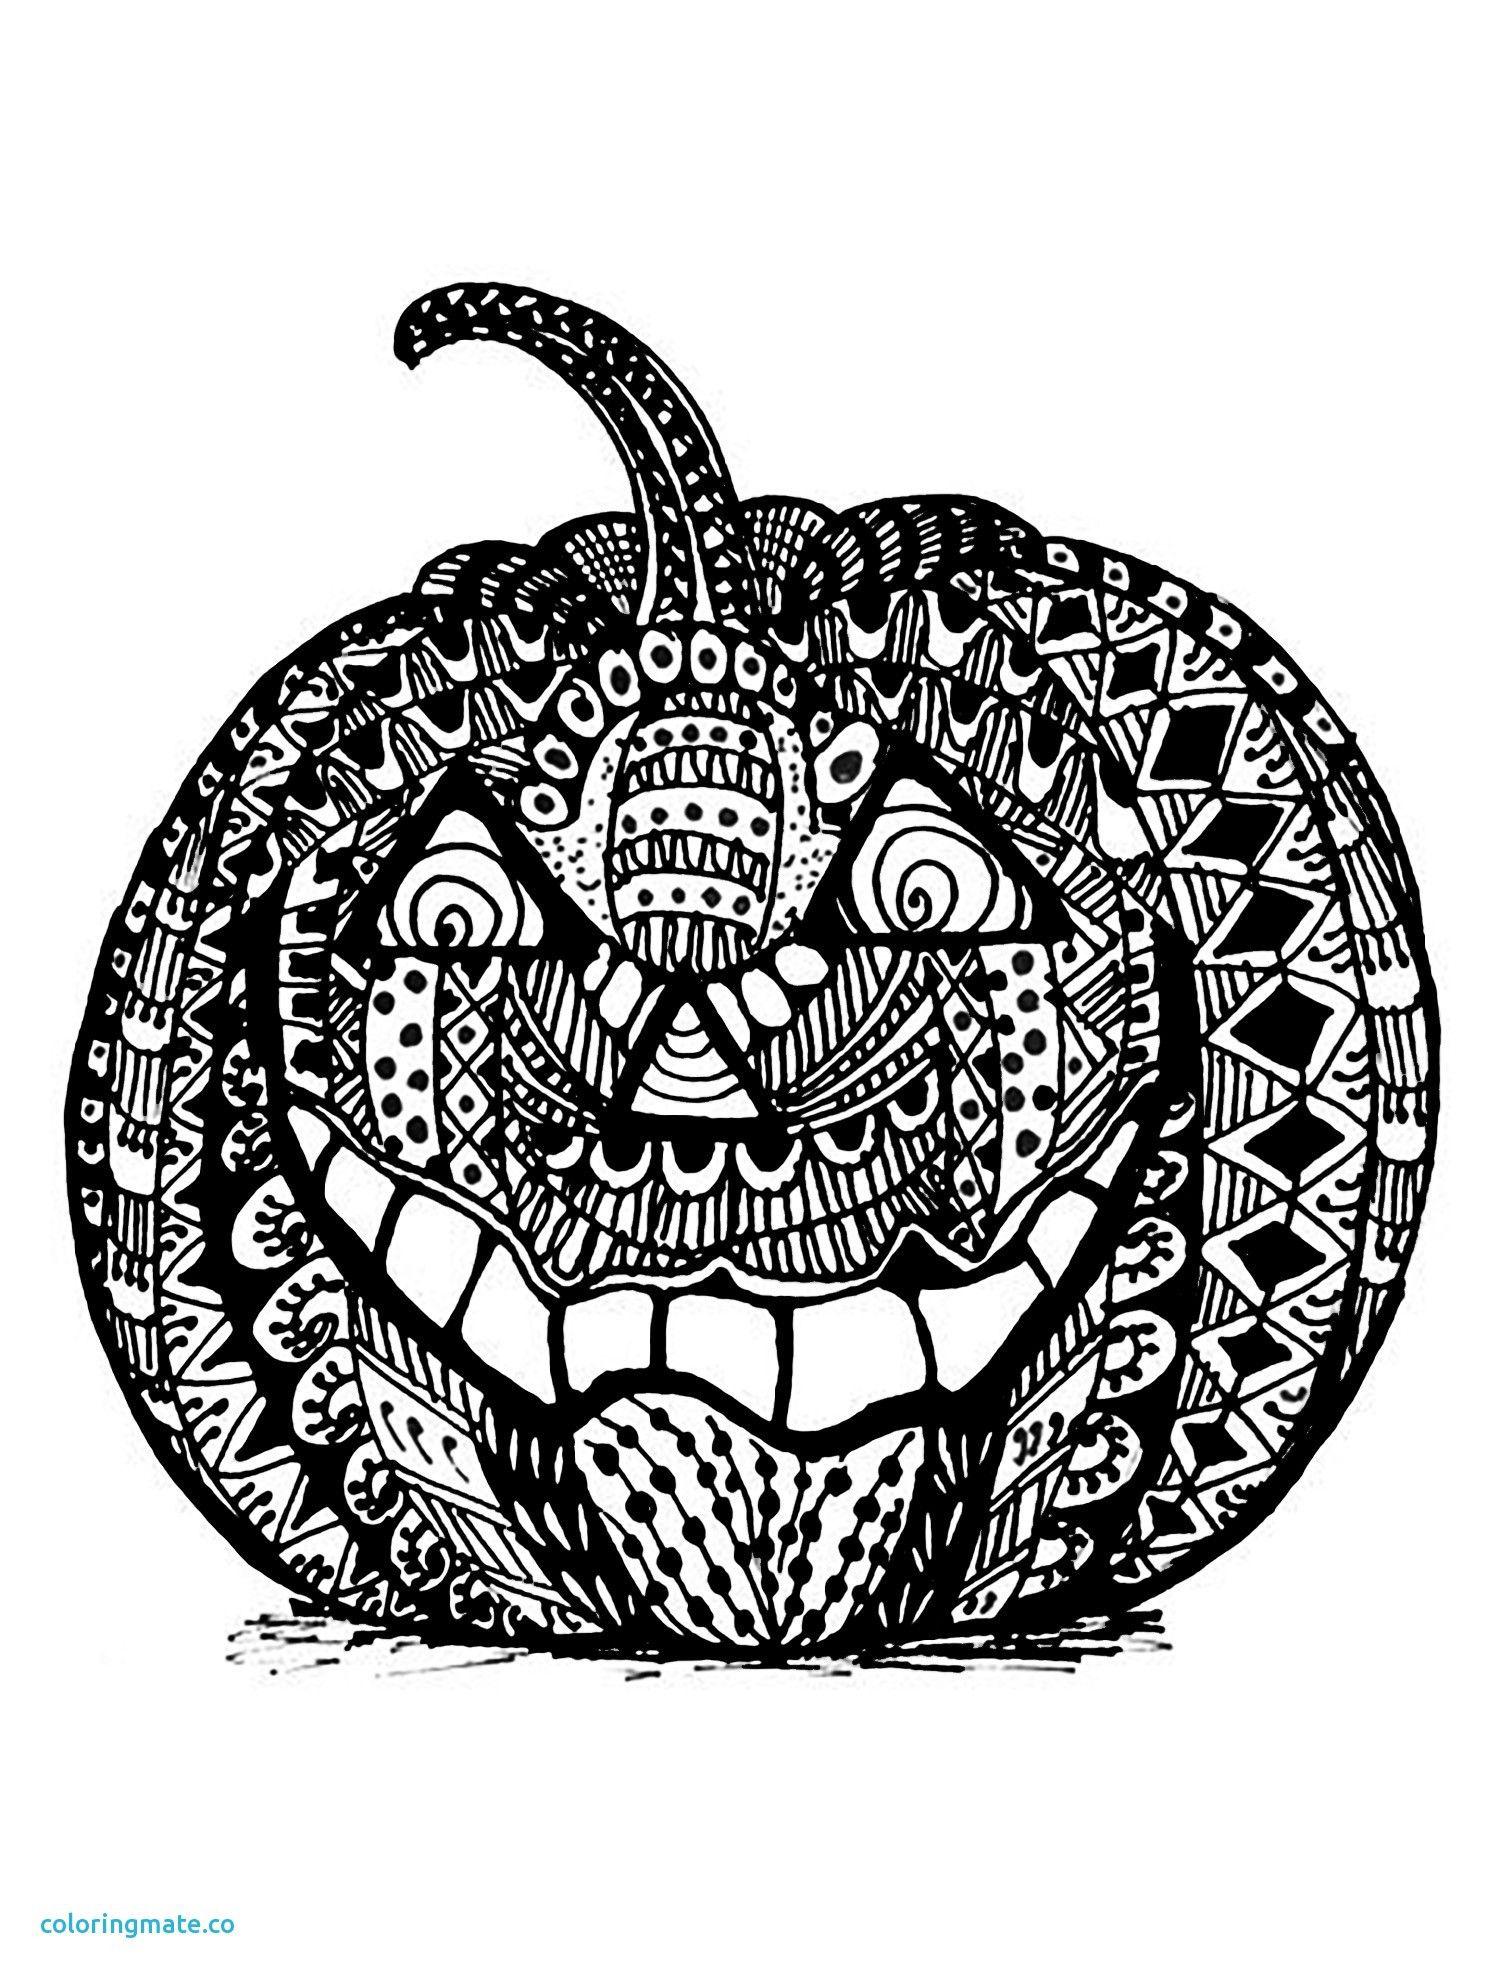 Ungewohnlich Halloween Mandala Fotos Malvorlagen Von Tieren Halloween Coloring Pages Pumpkin Coloring Pages Halloween Zentangle